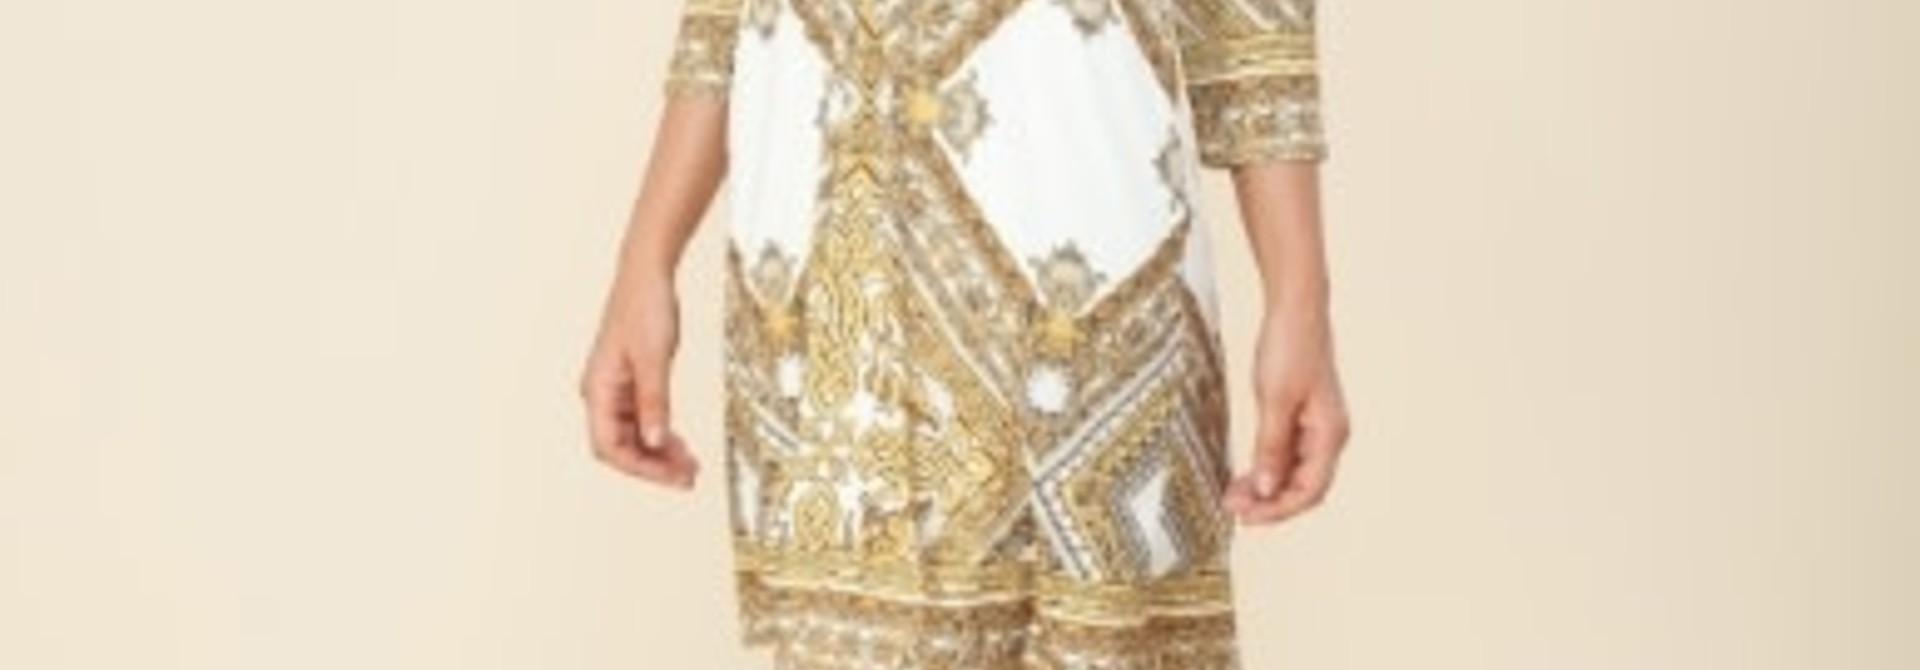 Maya ivory beads dress